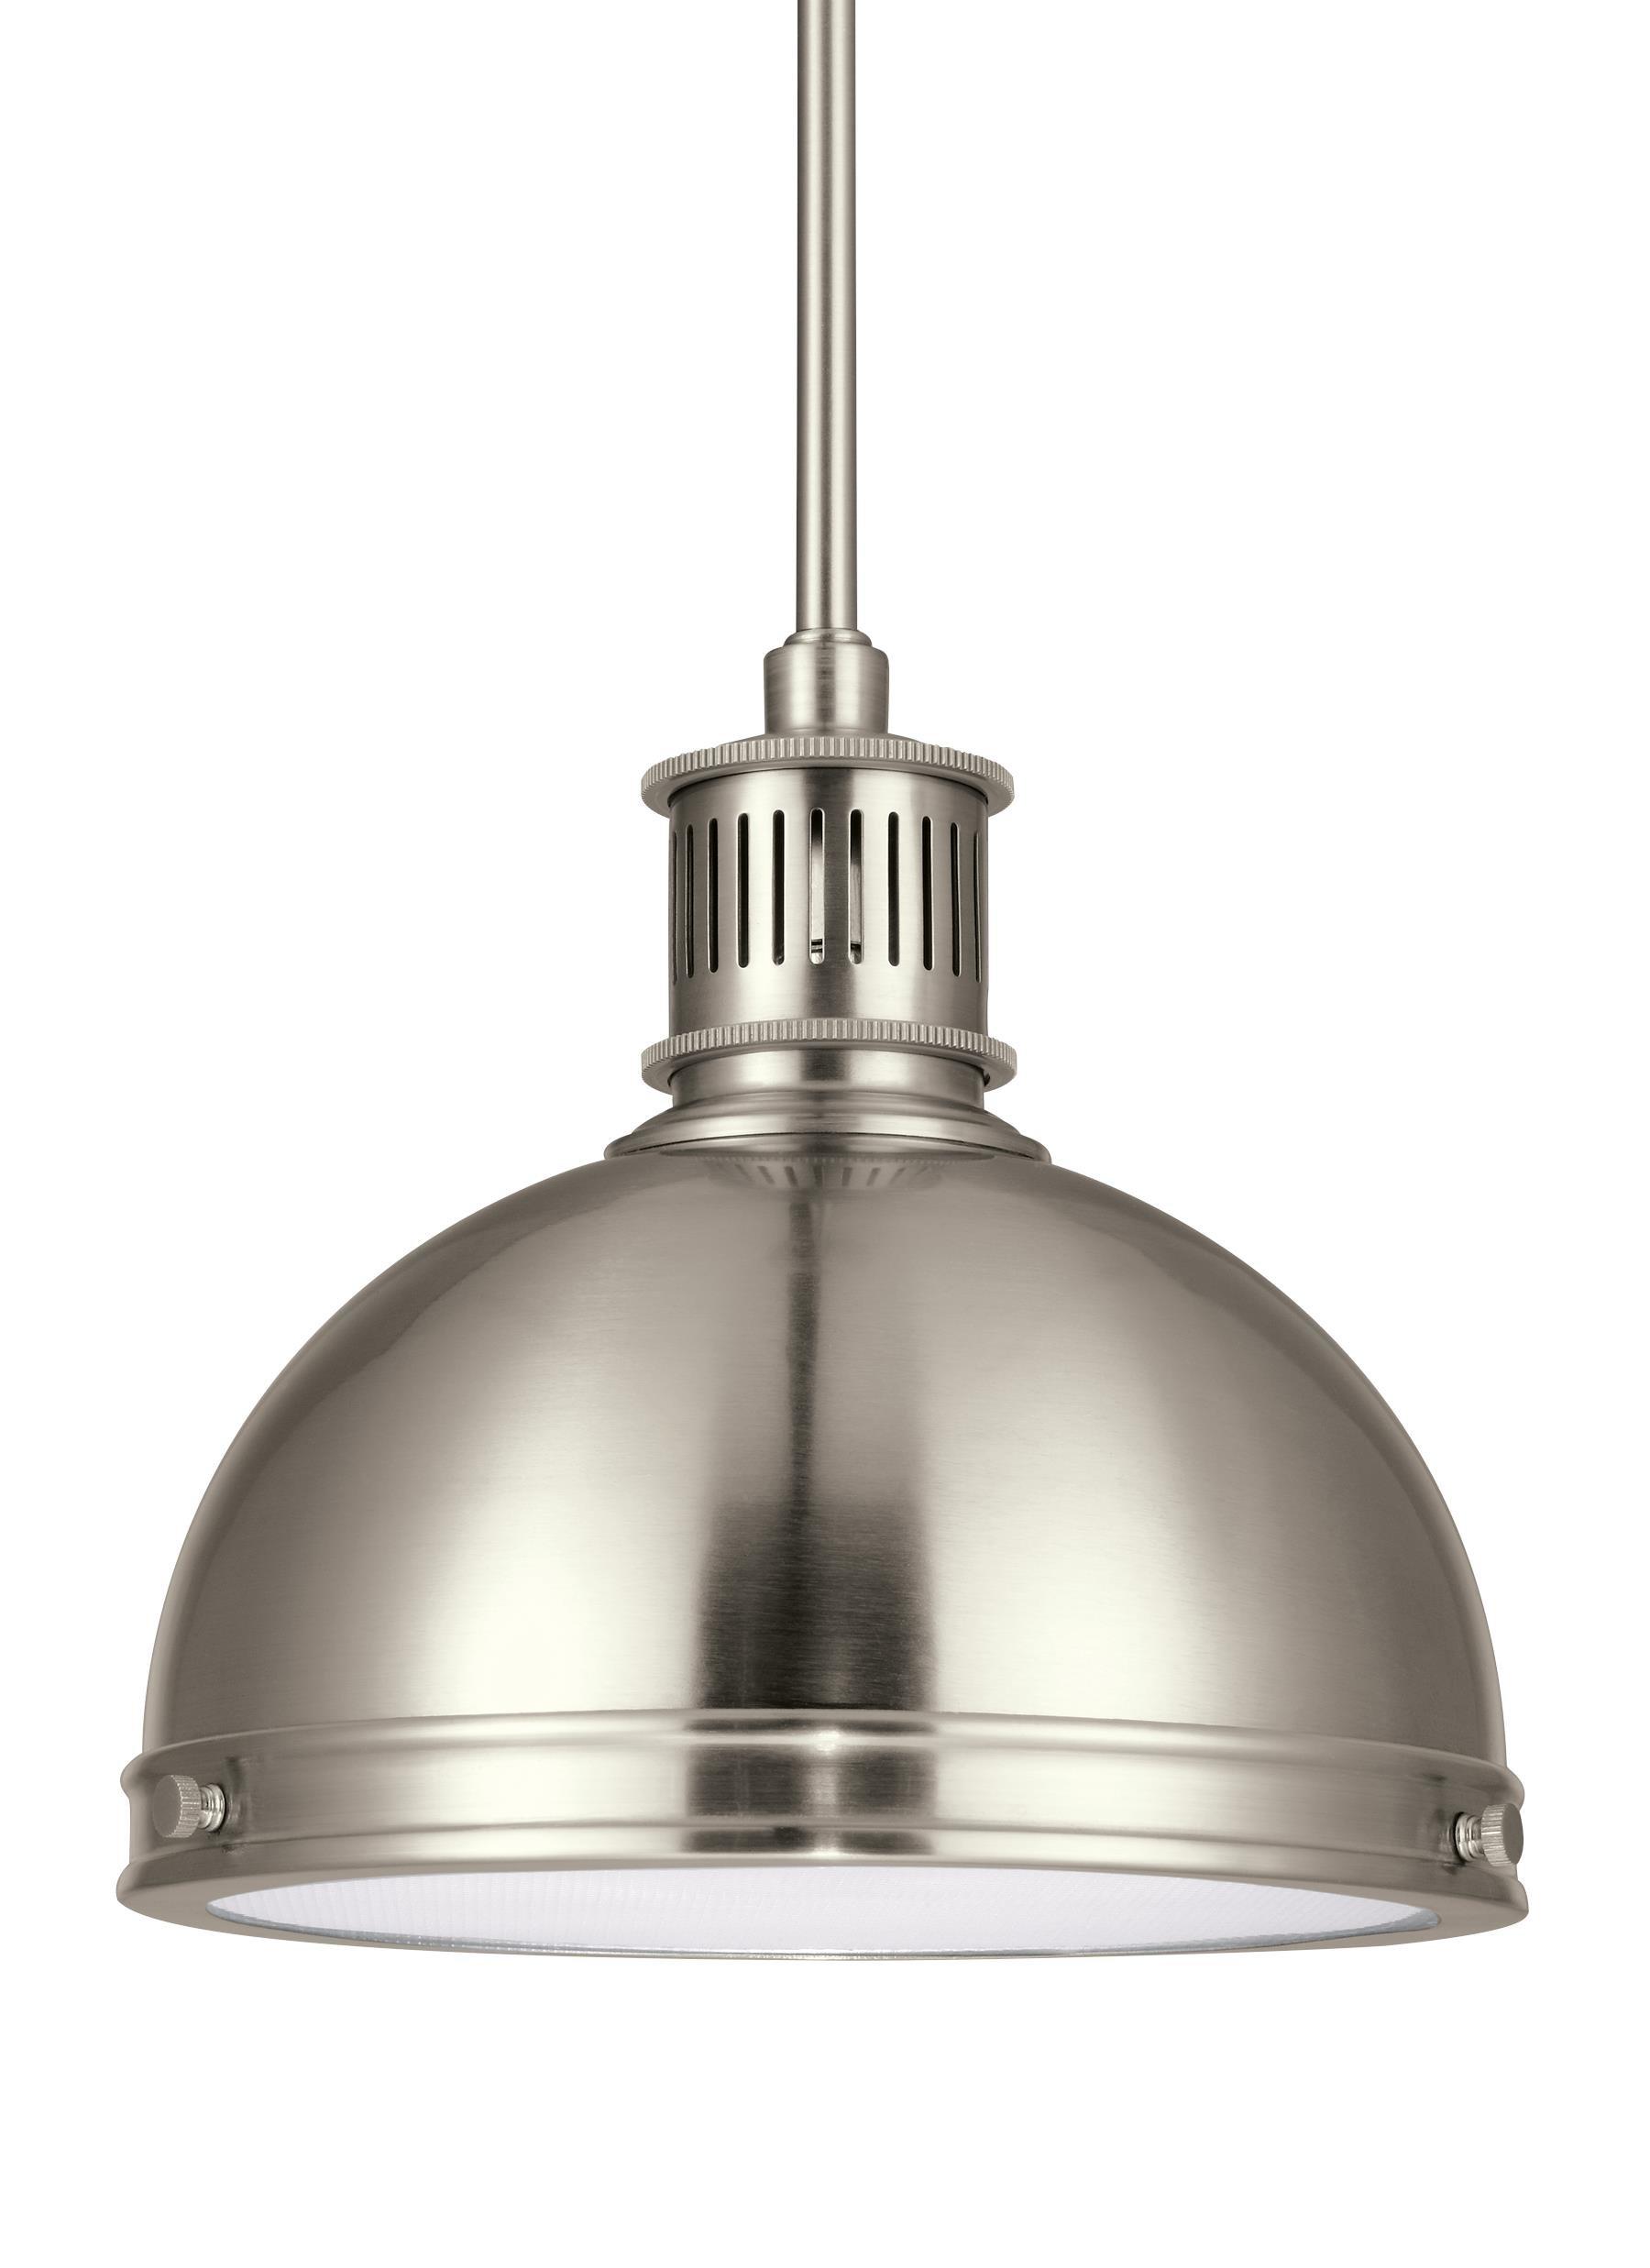 Ninette 1 Light Dome Pendant In Ninette 1 Light Dome Pendants (View 2 of 30)